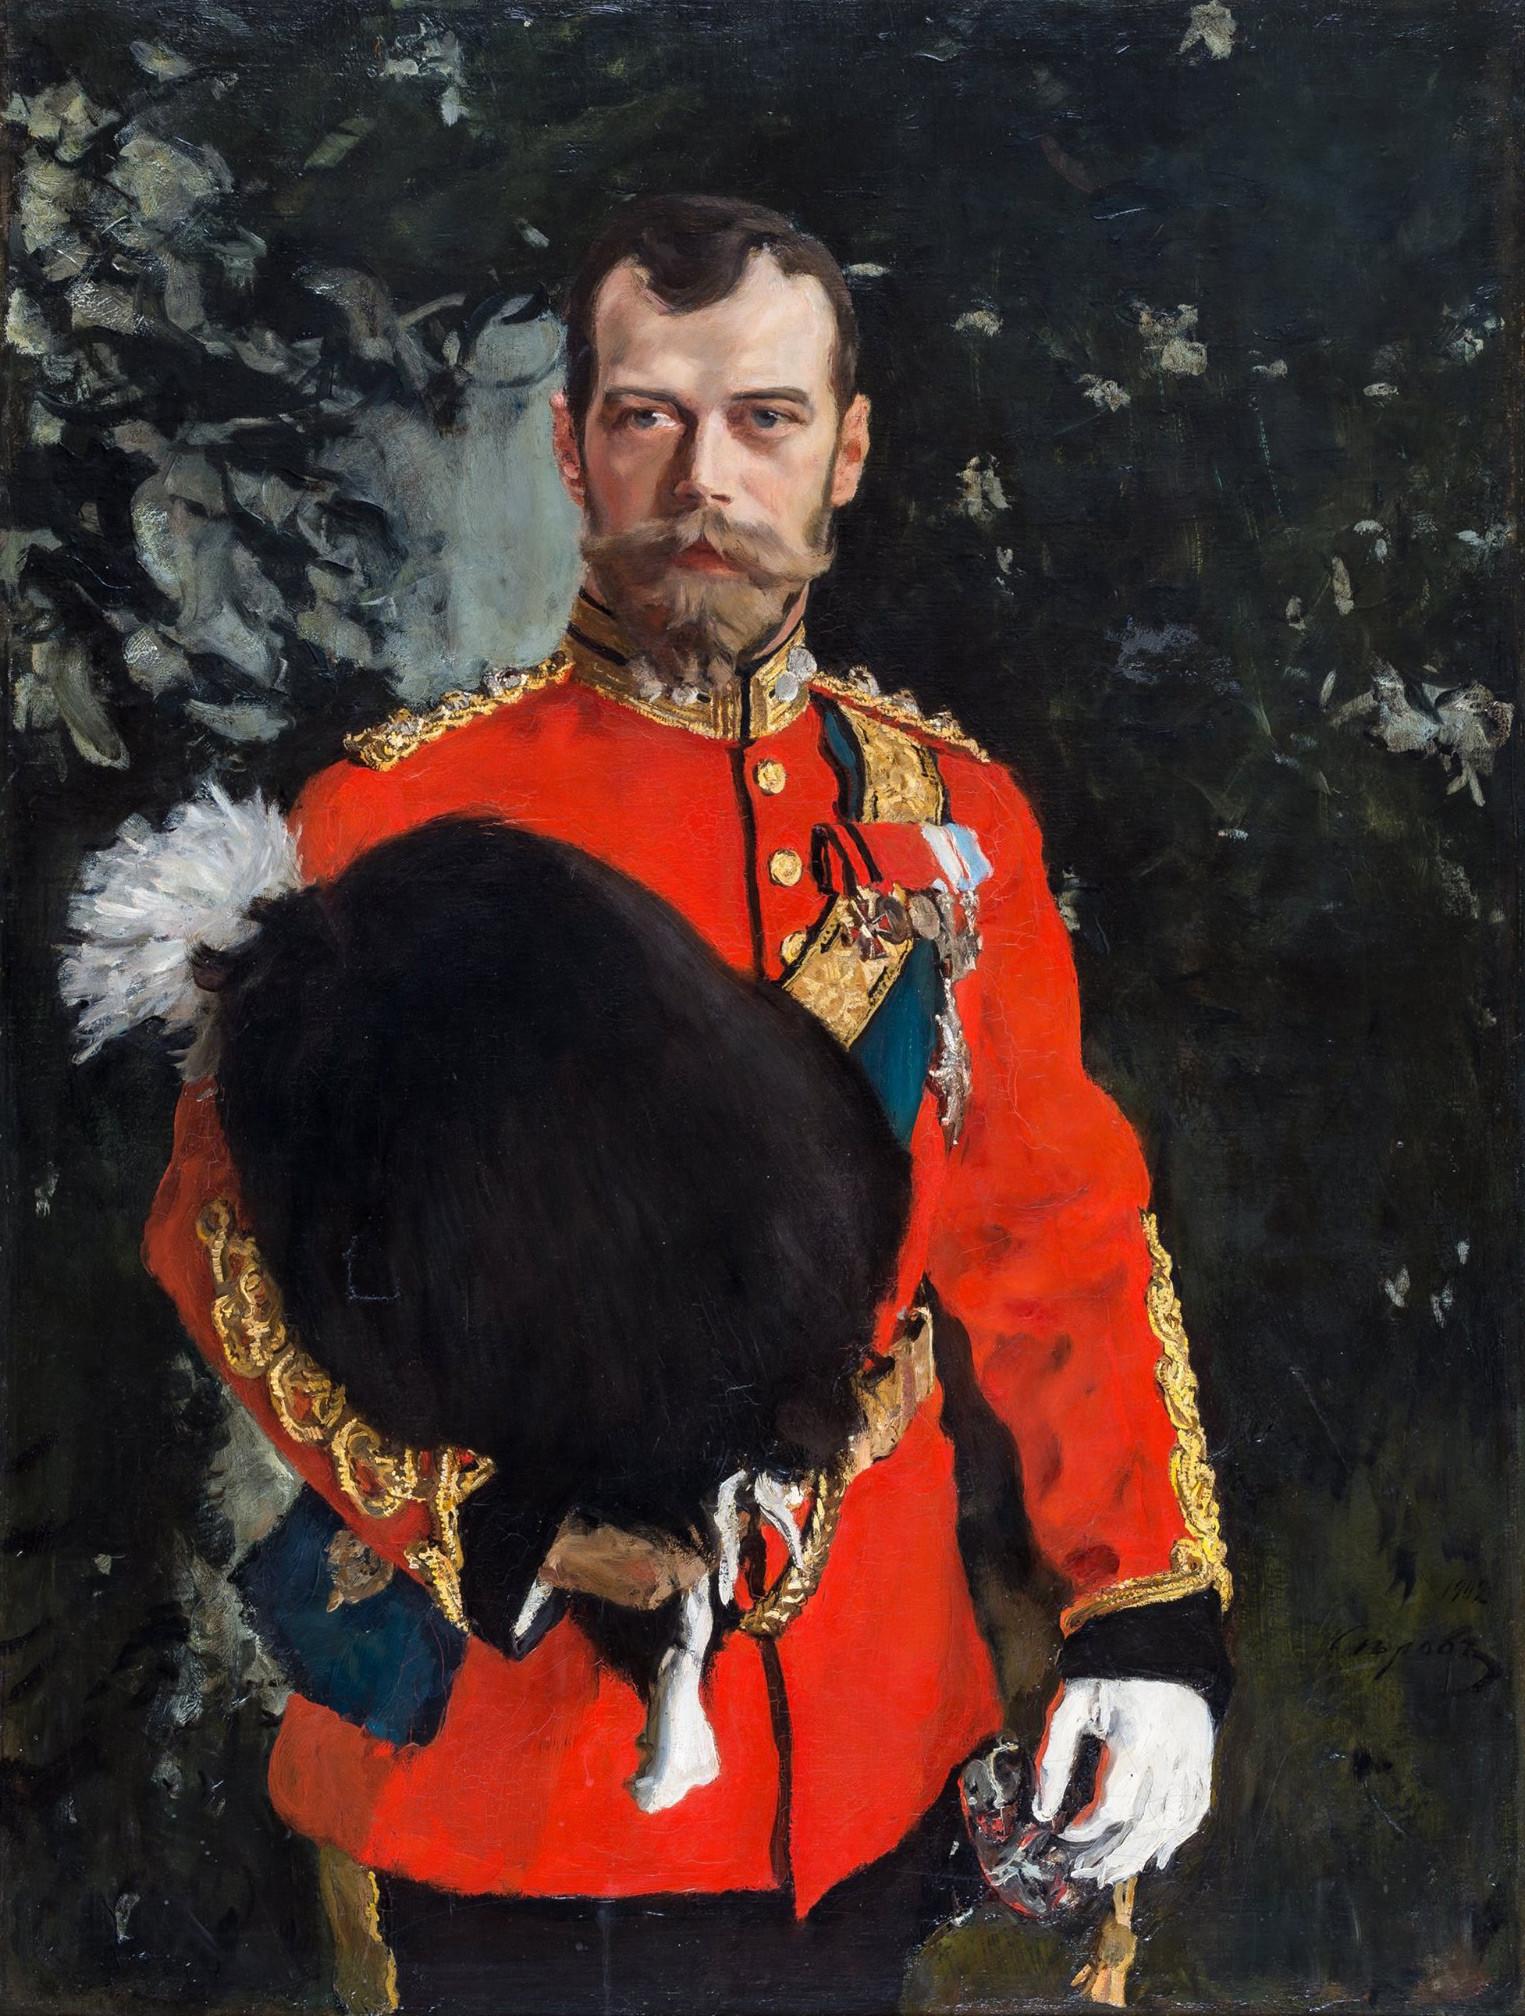 Nikolaj II. u uniformi počasnog zapovjednika 2. Kraljevske škotske dragunske garde. Slika Valentina Serova.